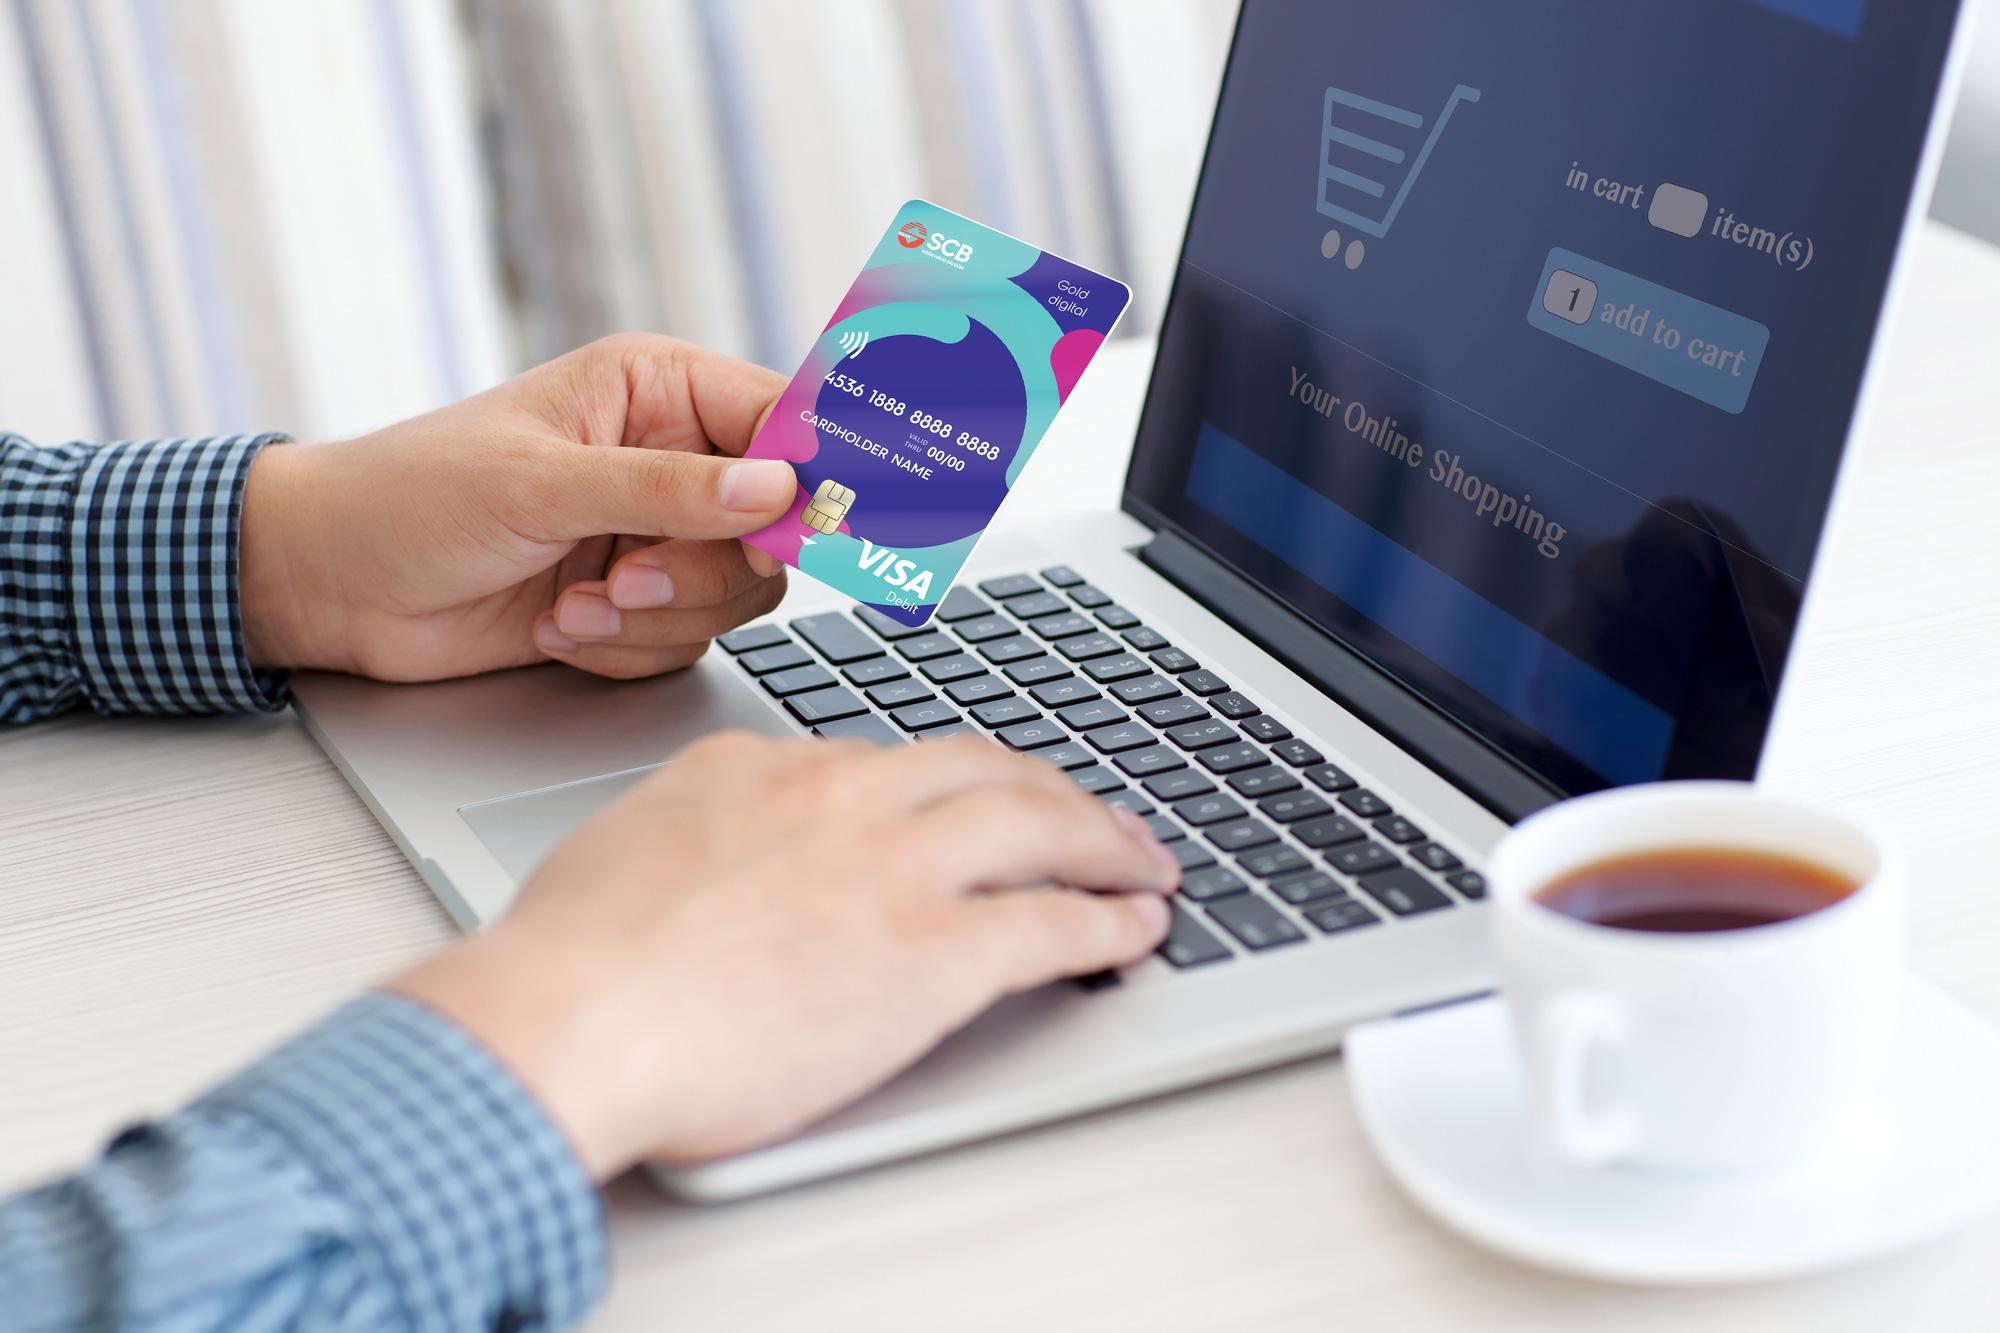 """Truyền thông """"Gói sản phẩm S-Digital"""": Những điều cần lưu ý khi thanh toán phí quảng cáo Facebook"""